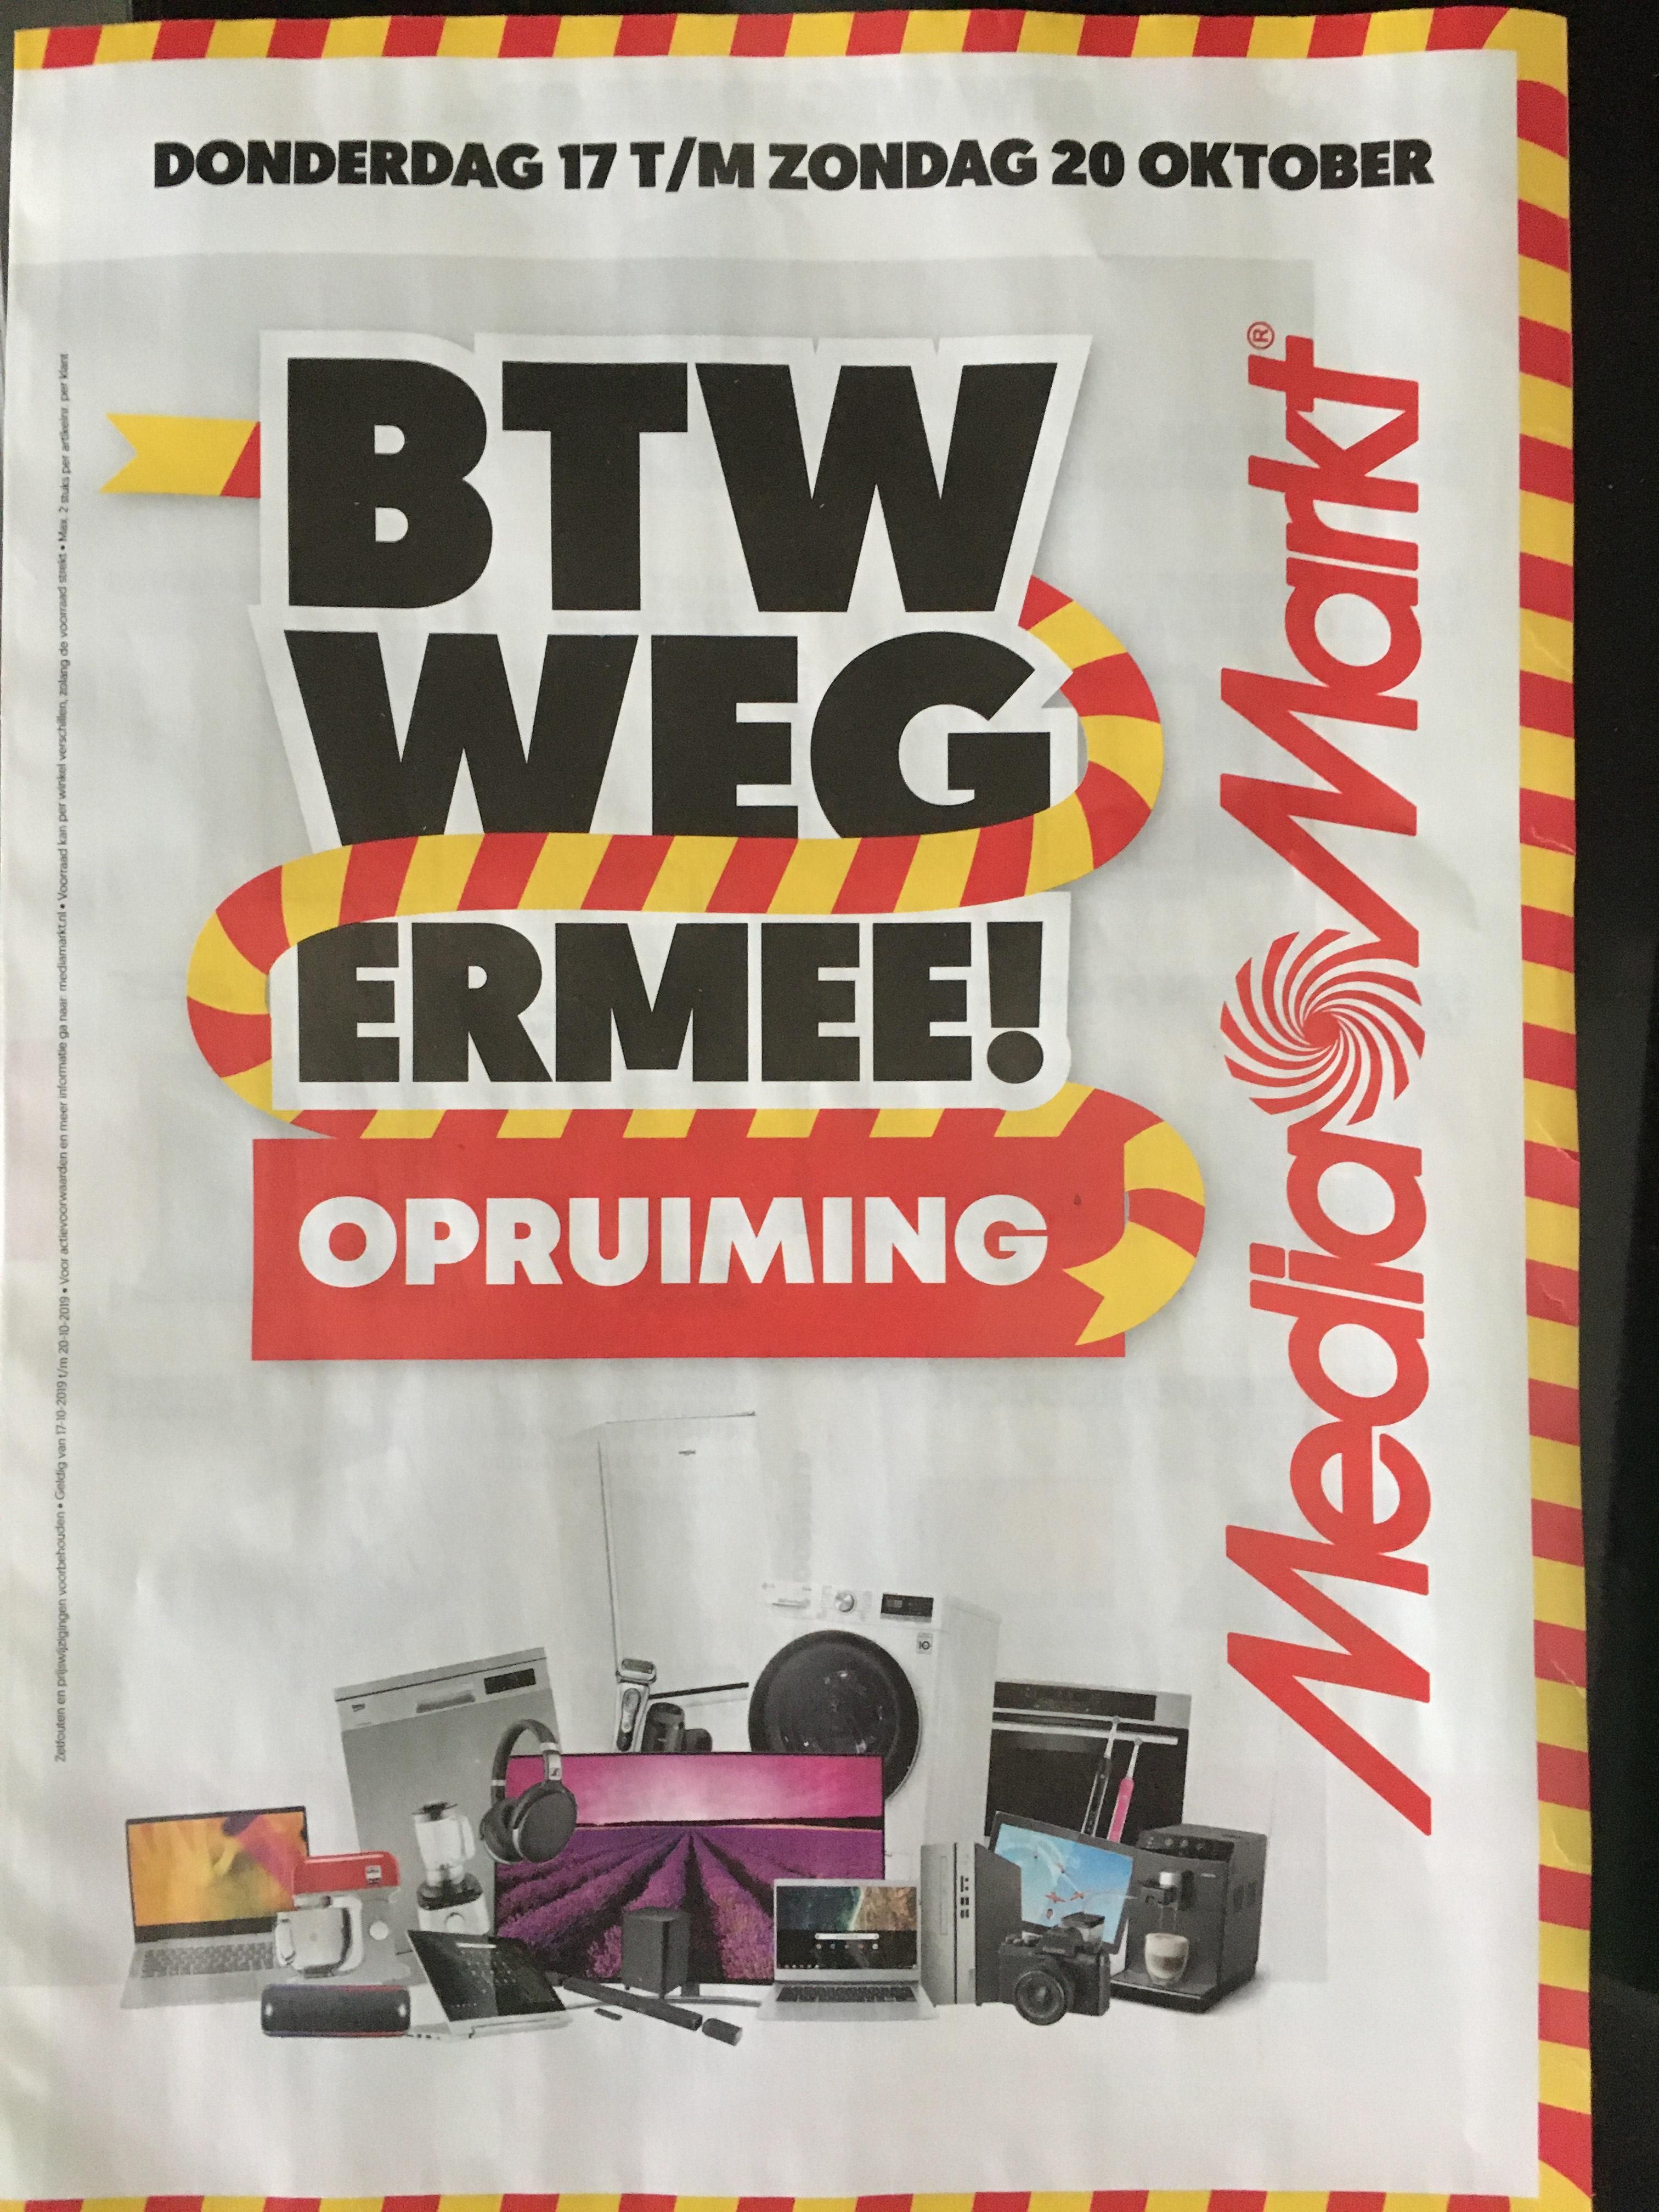 BTW Weg Ermee  - MediaMarkt BTW-actie 2019